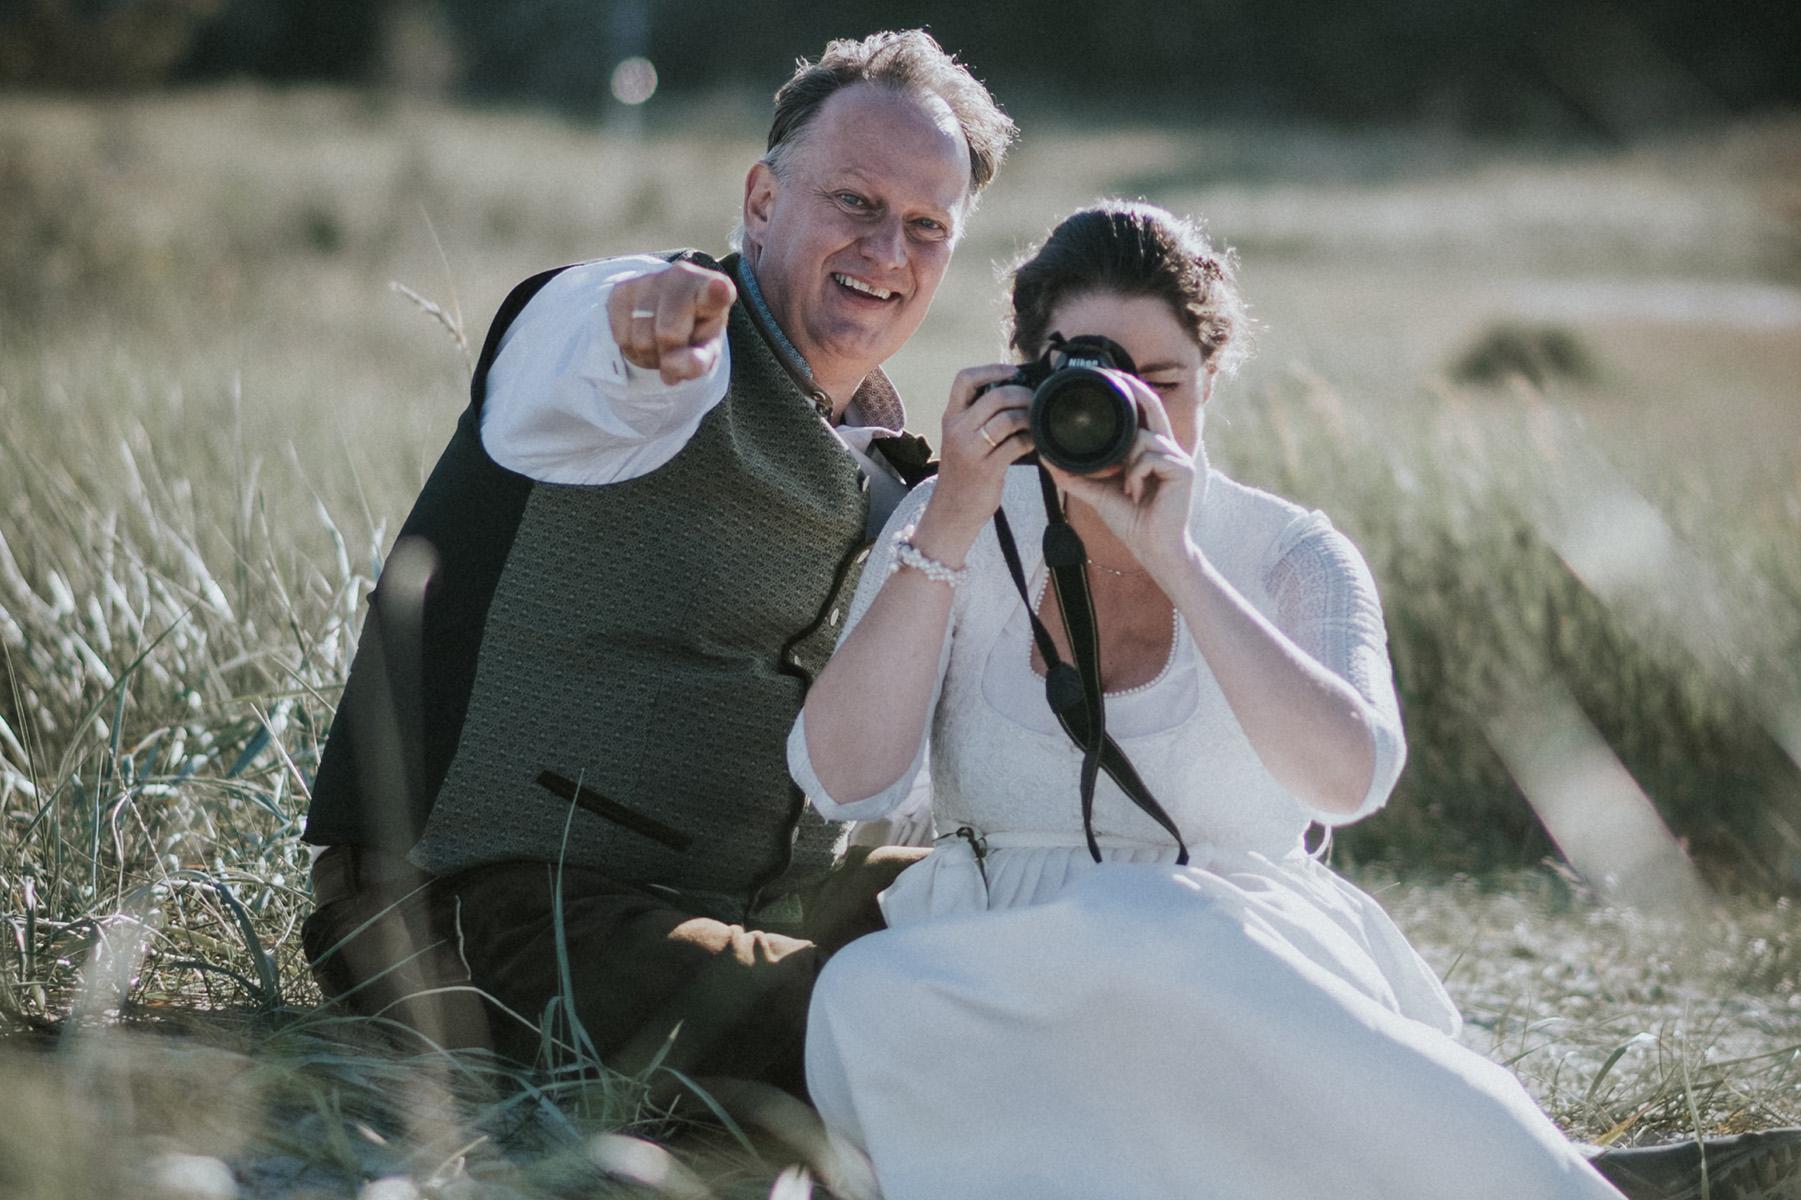 Hochzeit-Passat-Travemuende-Strand-filitz-fotografie-3